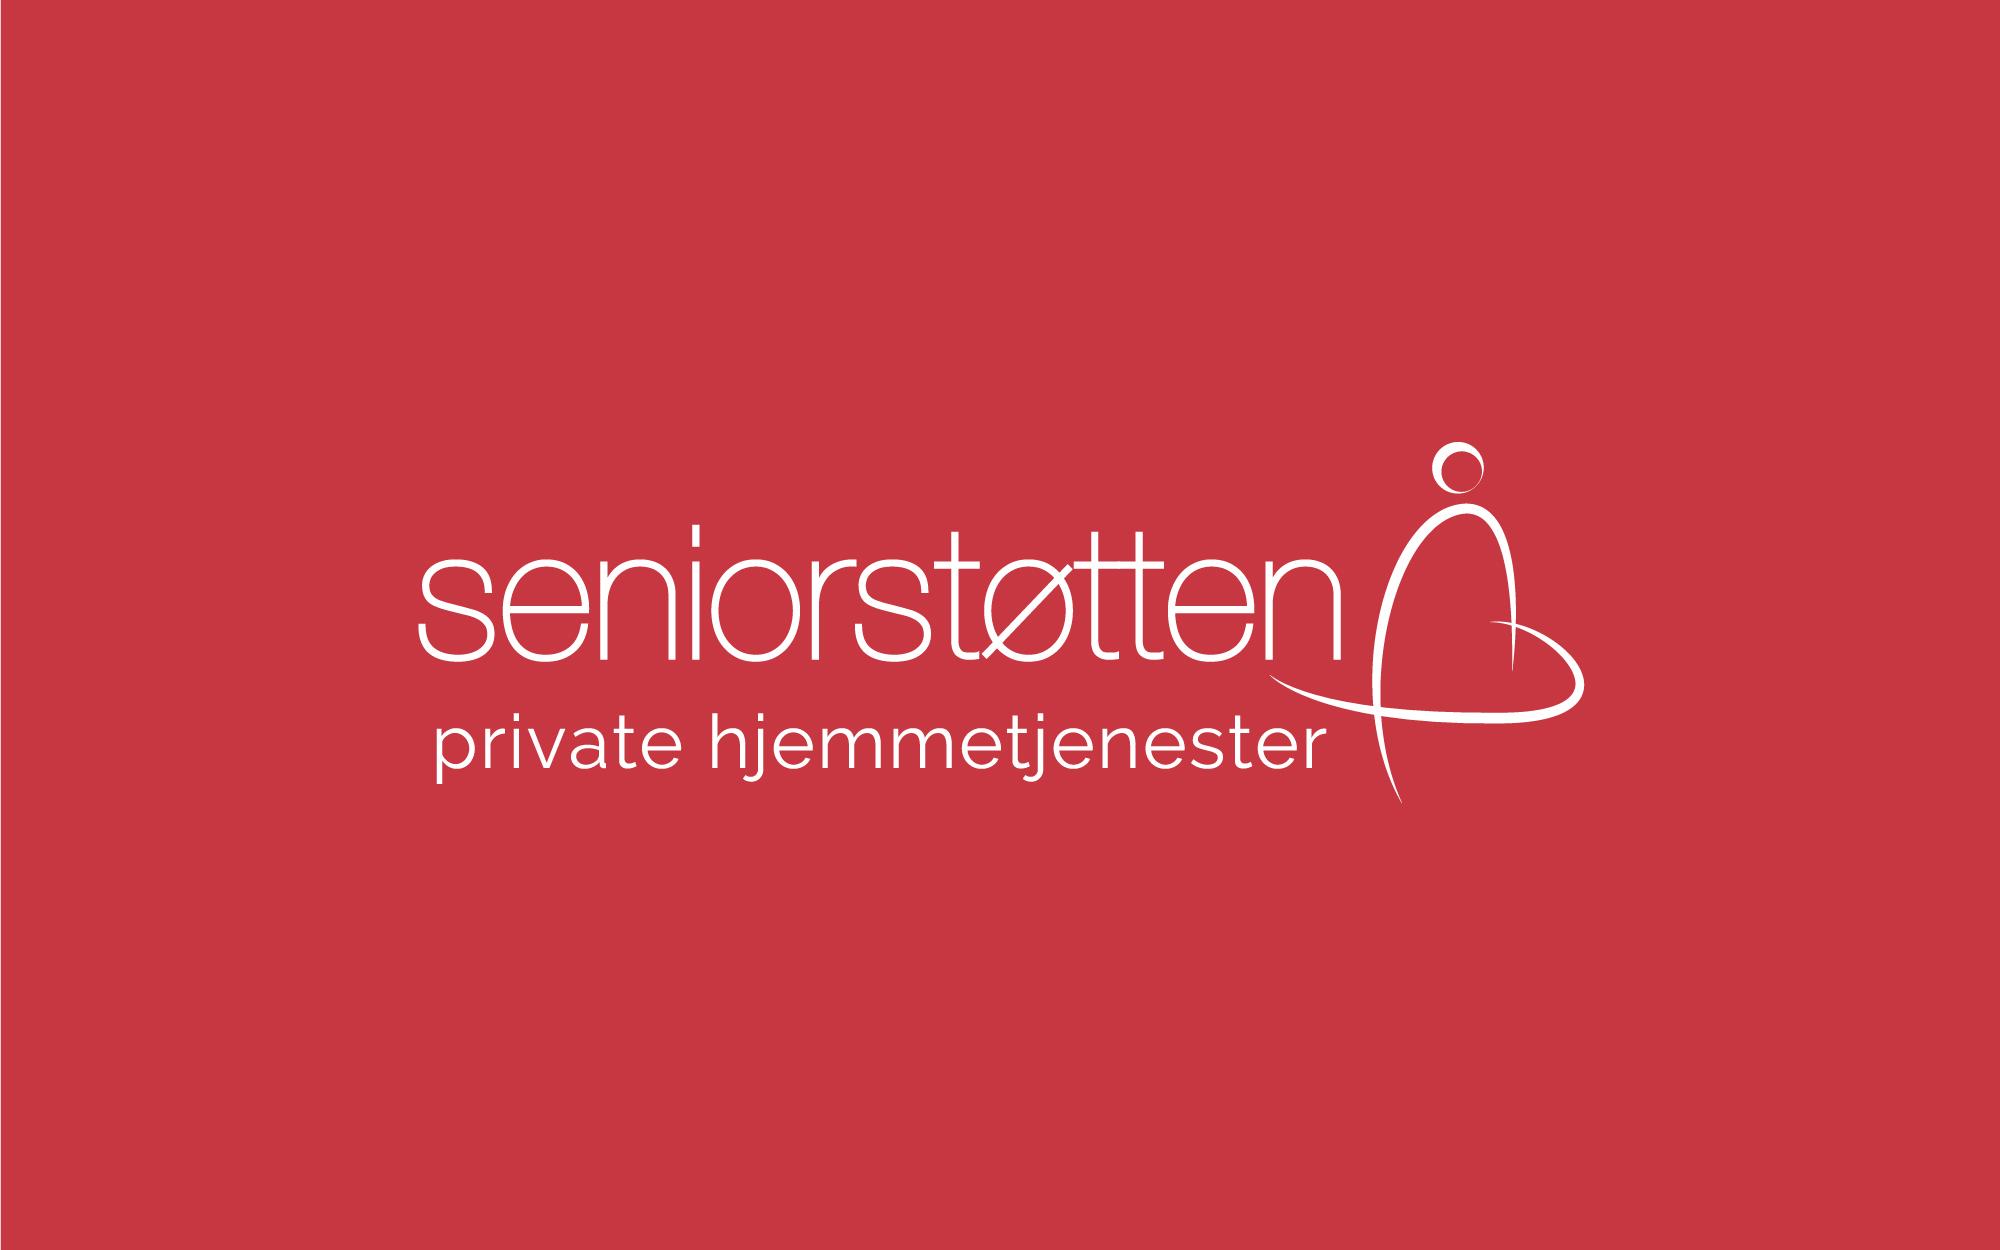 Seniorstøtten logo